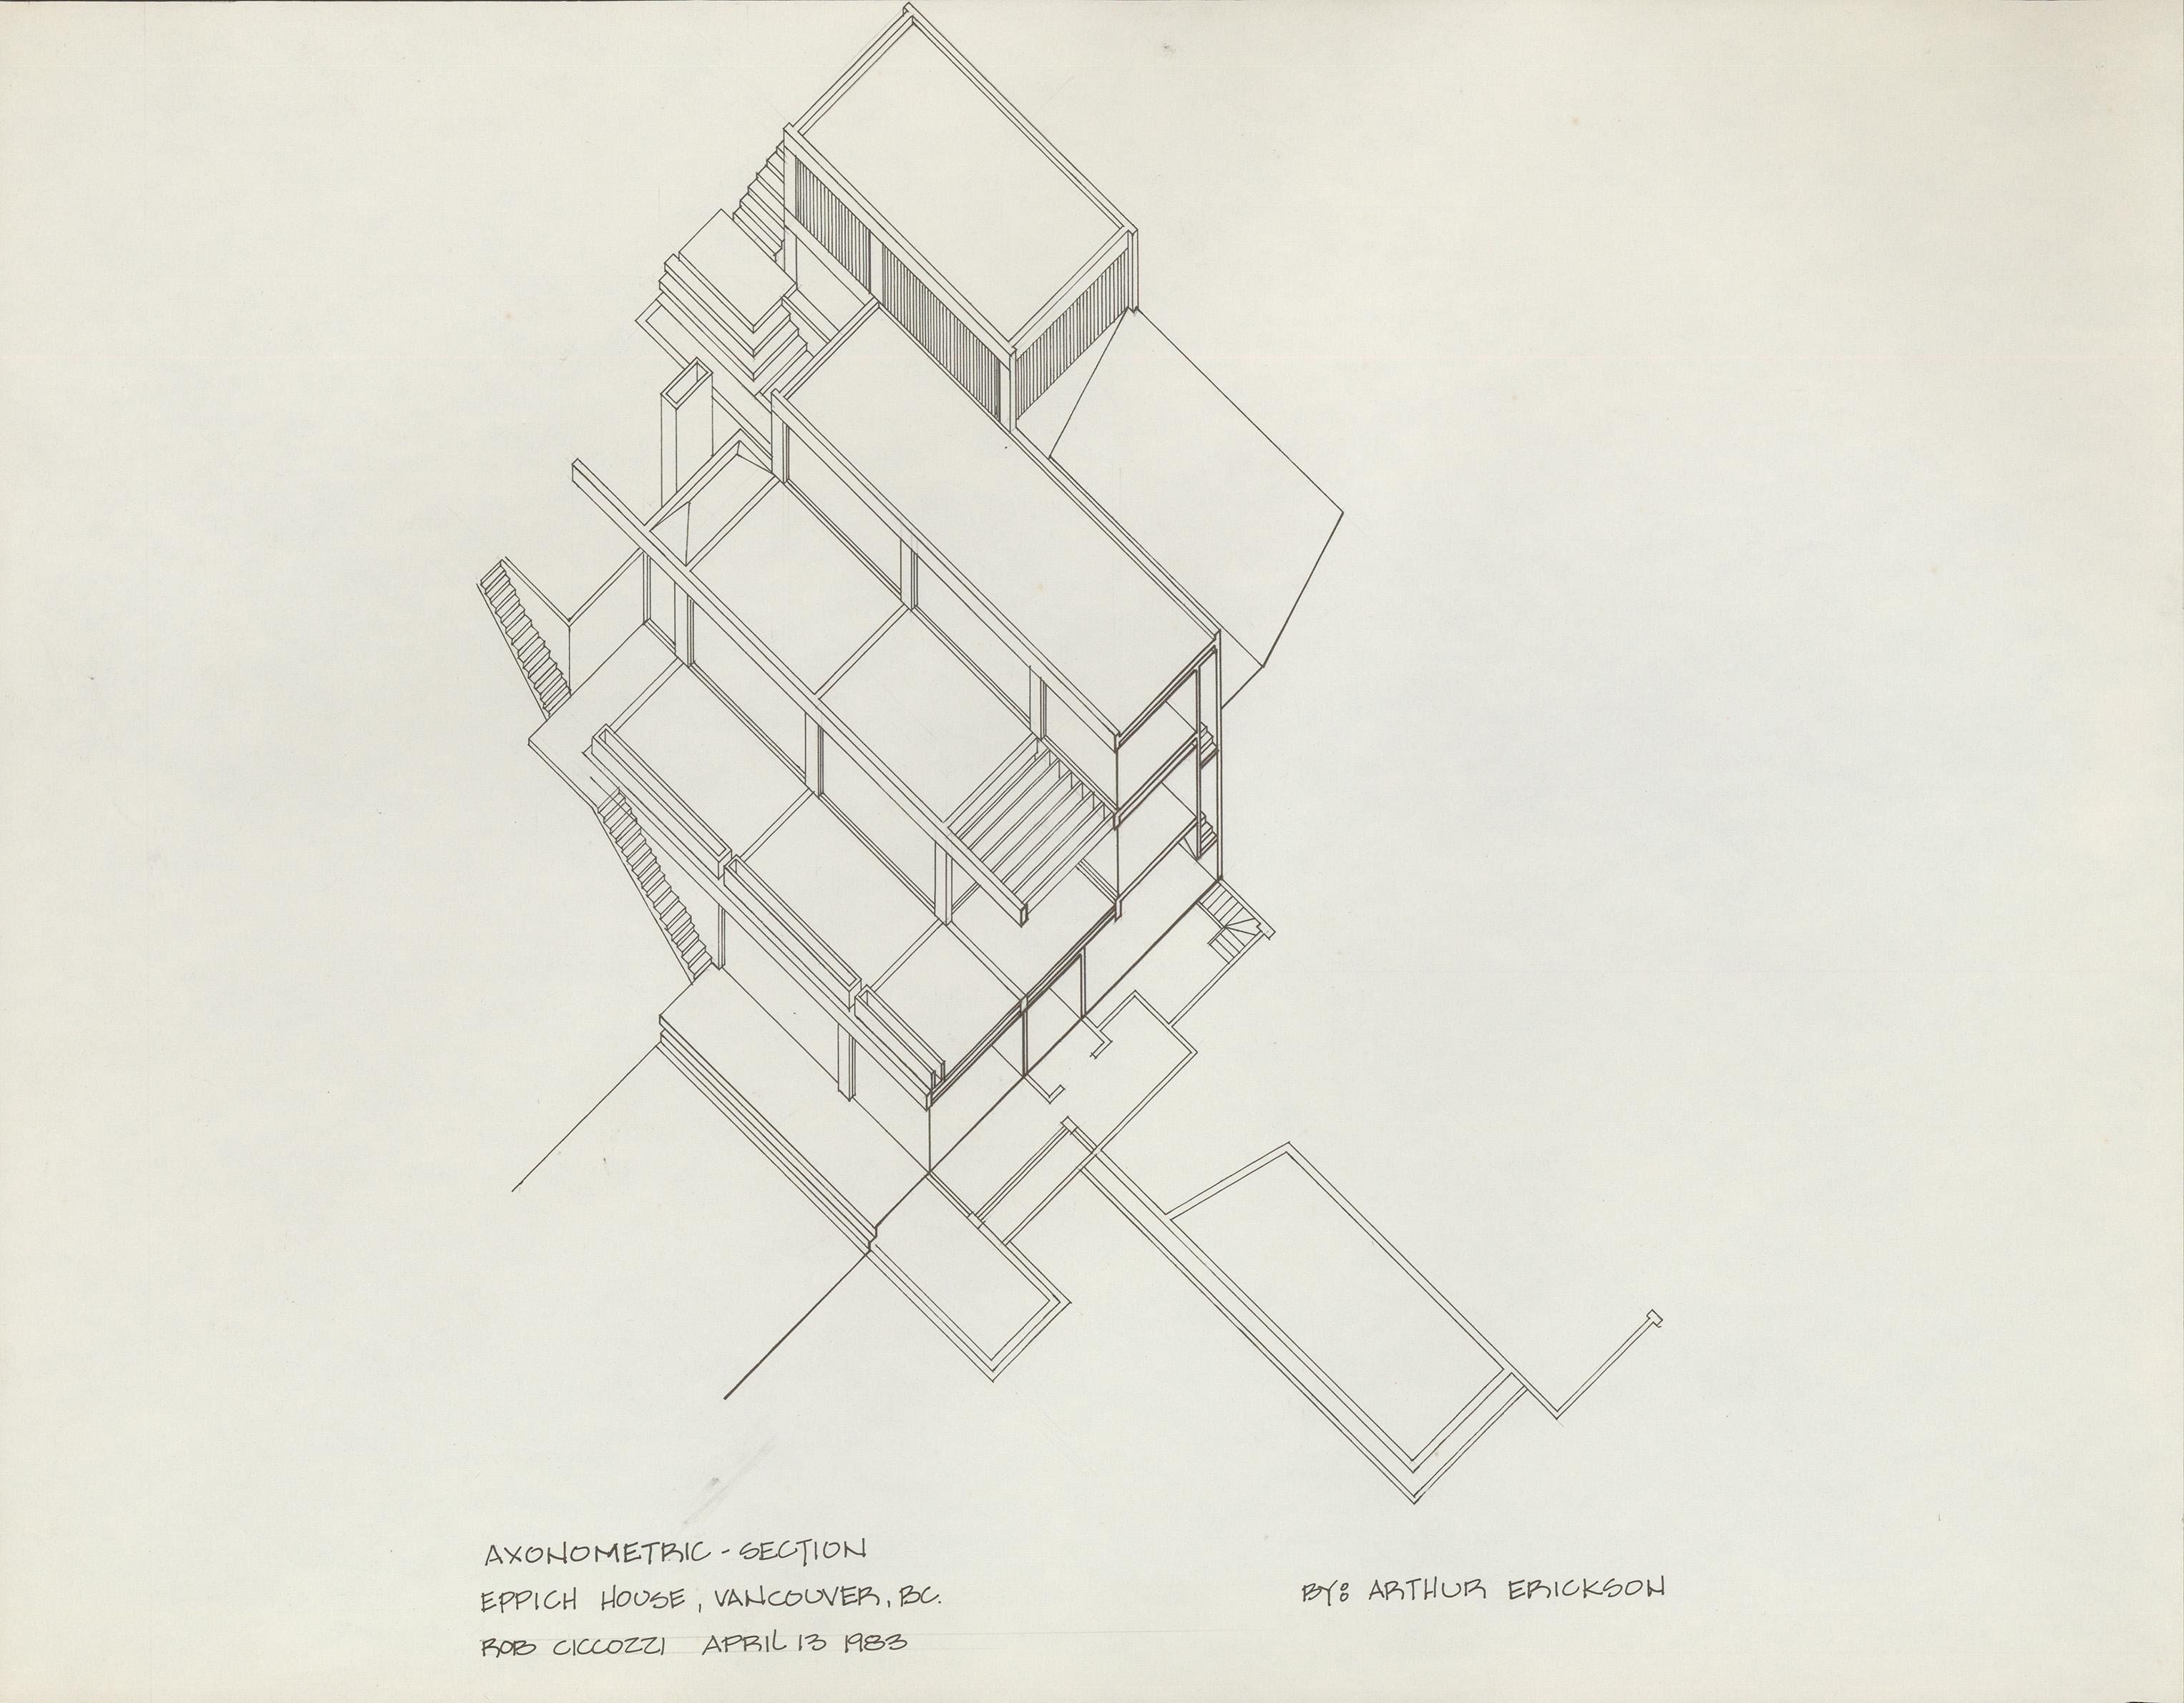 Rob Cicozzi 1980